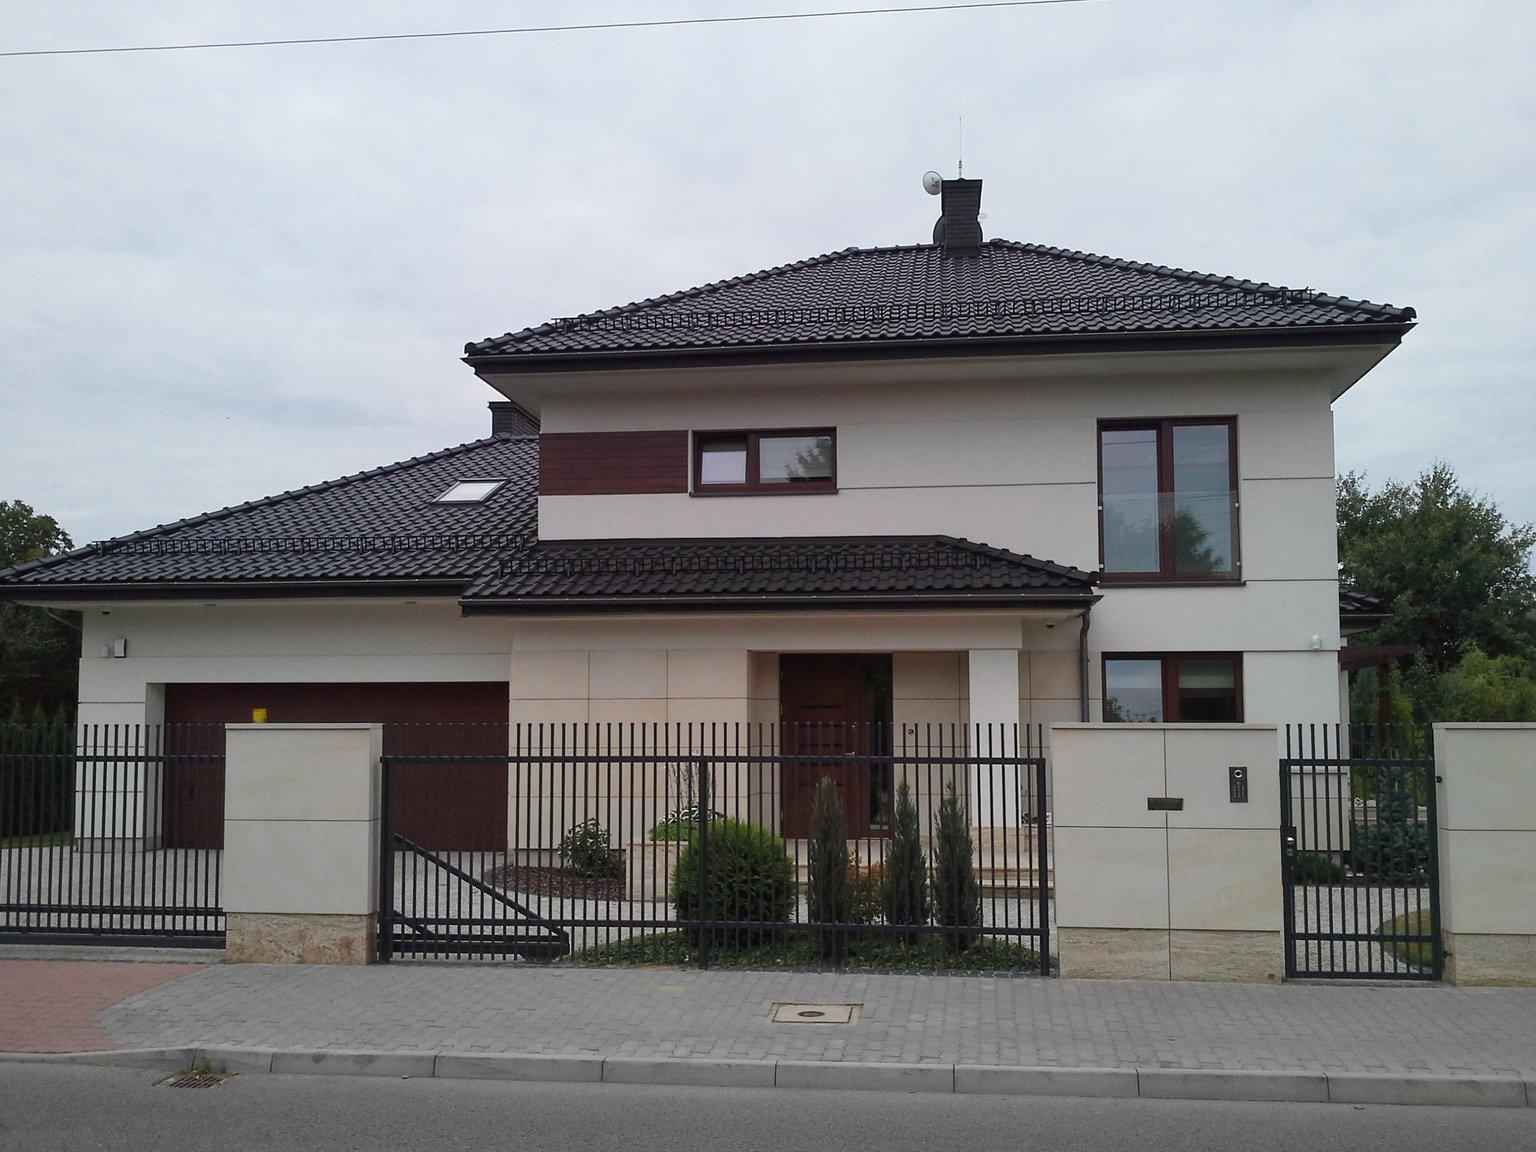 projekt-domu-slodki-fot-1-1382621937-pd2b5xsi.jpg